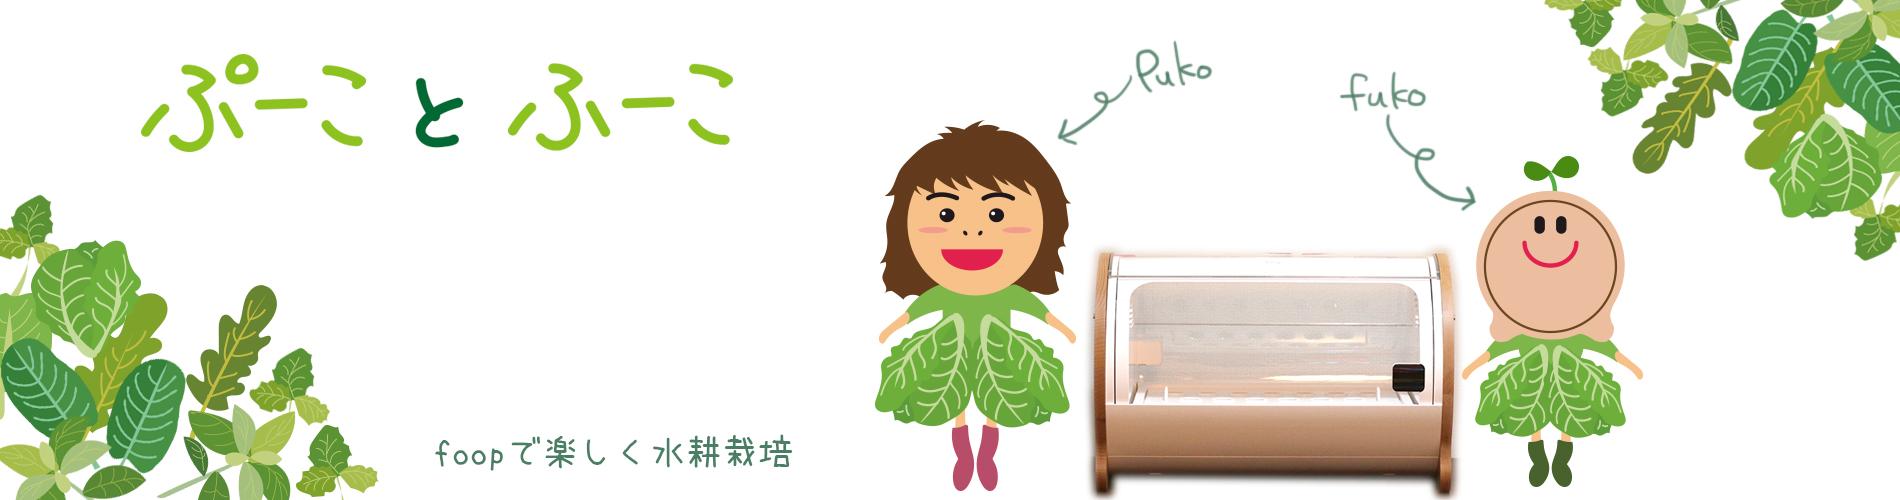 ぷーことふーこ